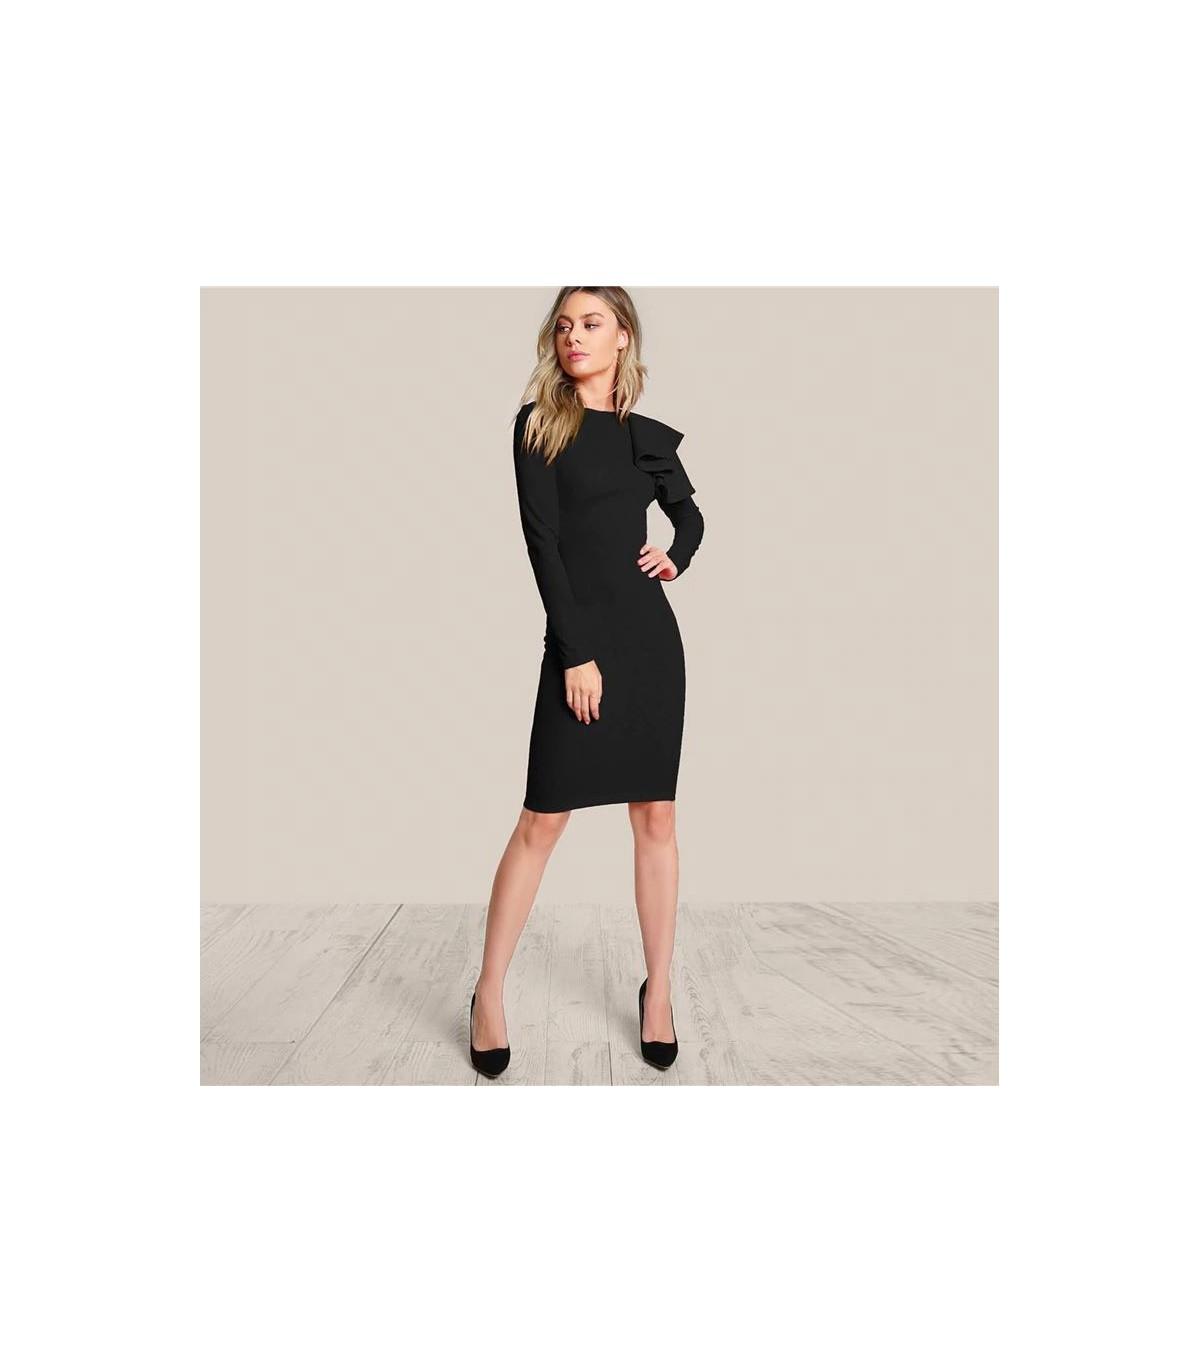 070e59411b23 Rüschen Schulter schwarzes Kleid Größe M